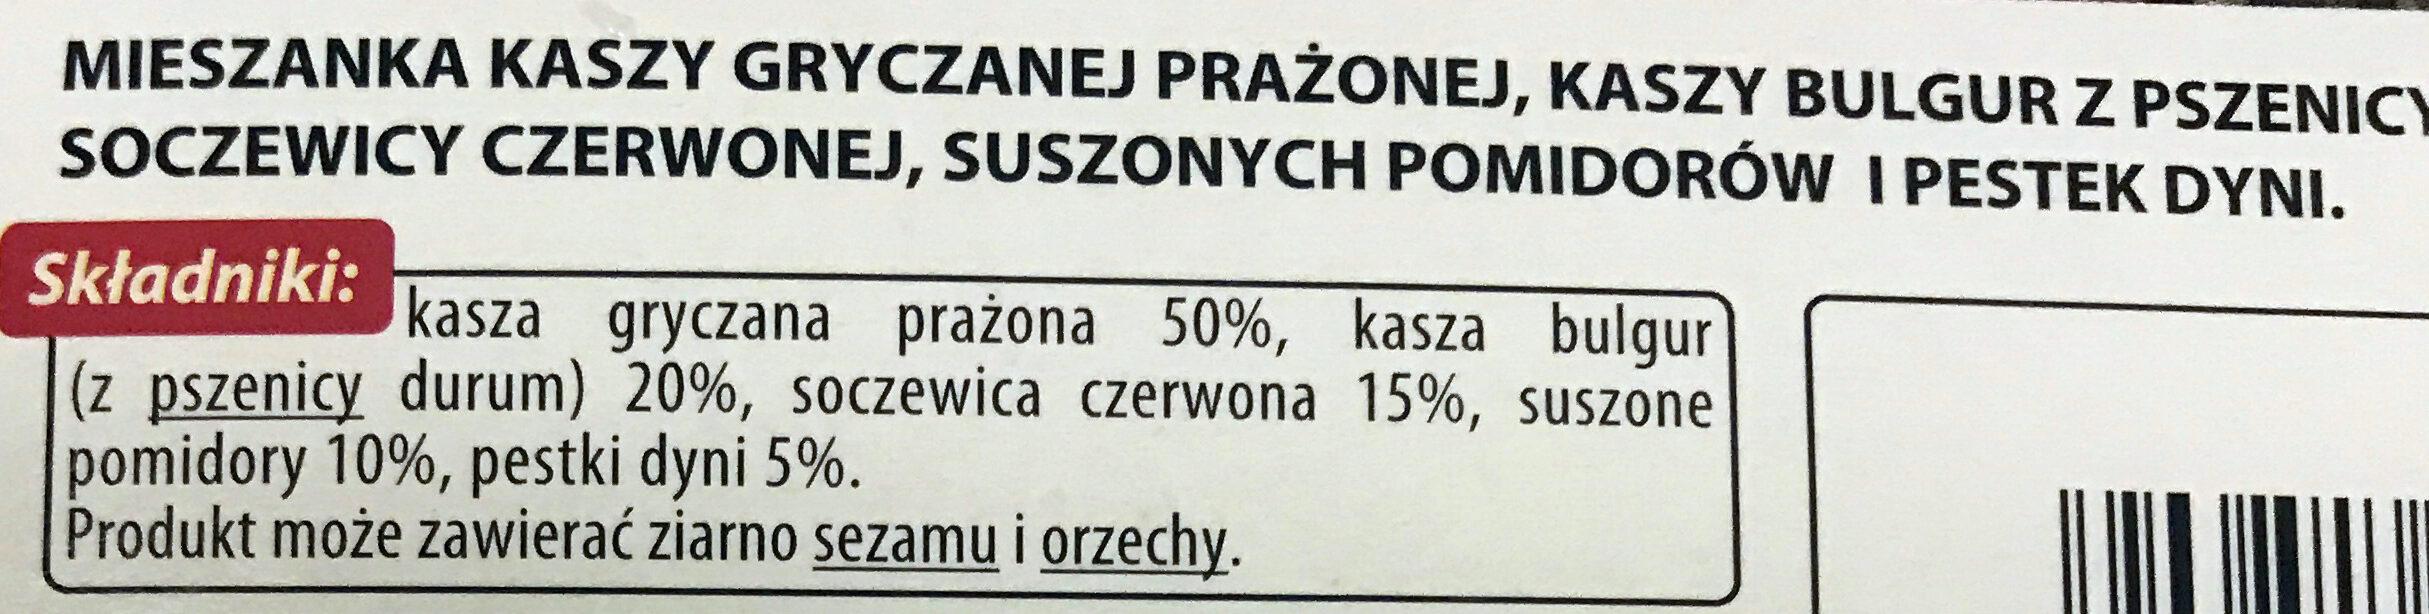 Kasza gryczana prażona - Ingredienti - pl